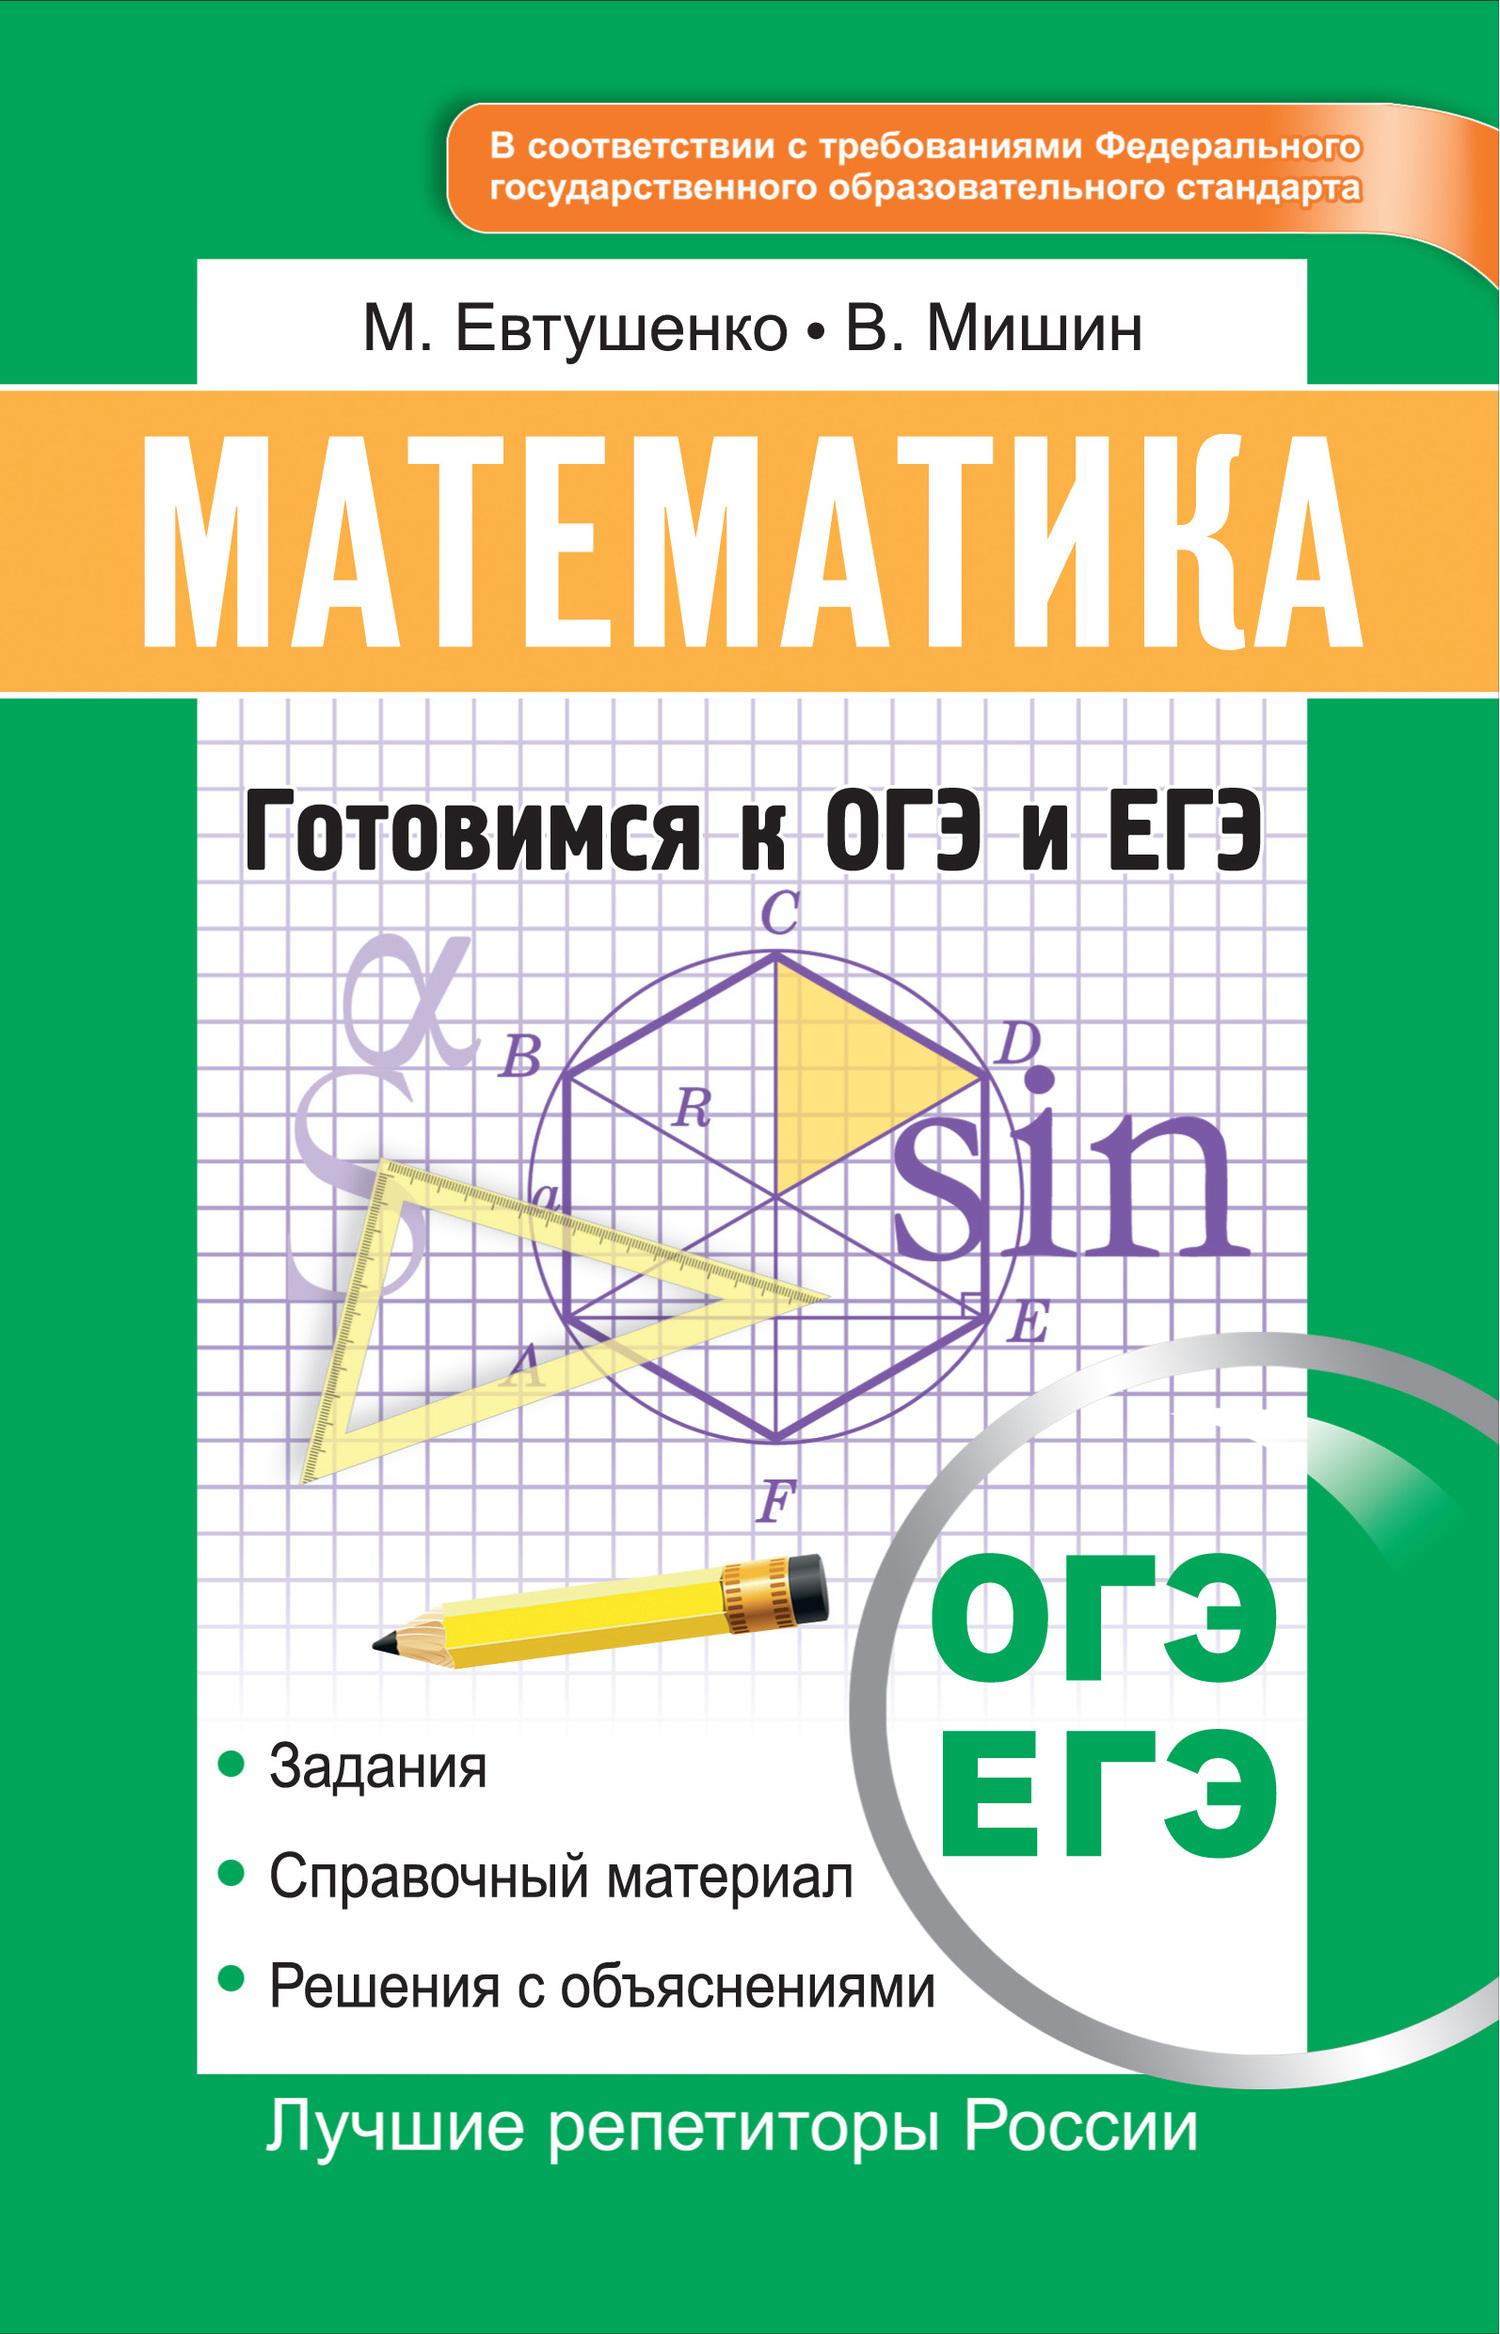 М. А. Евтушенко ЕГЭ. Математика. Интенсивный курс подготовки к ОГЭ и ЕГЭ